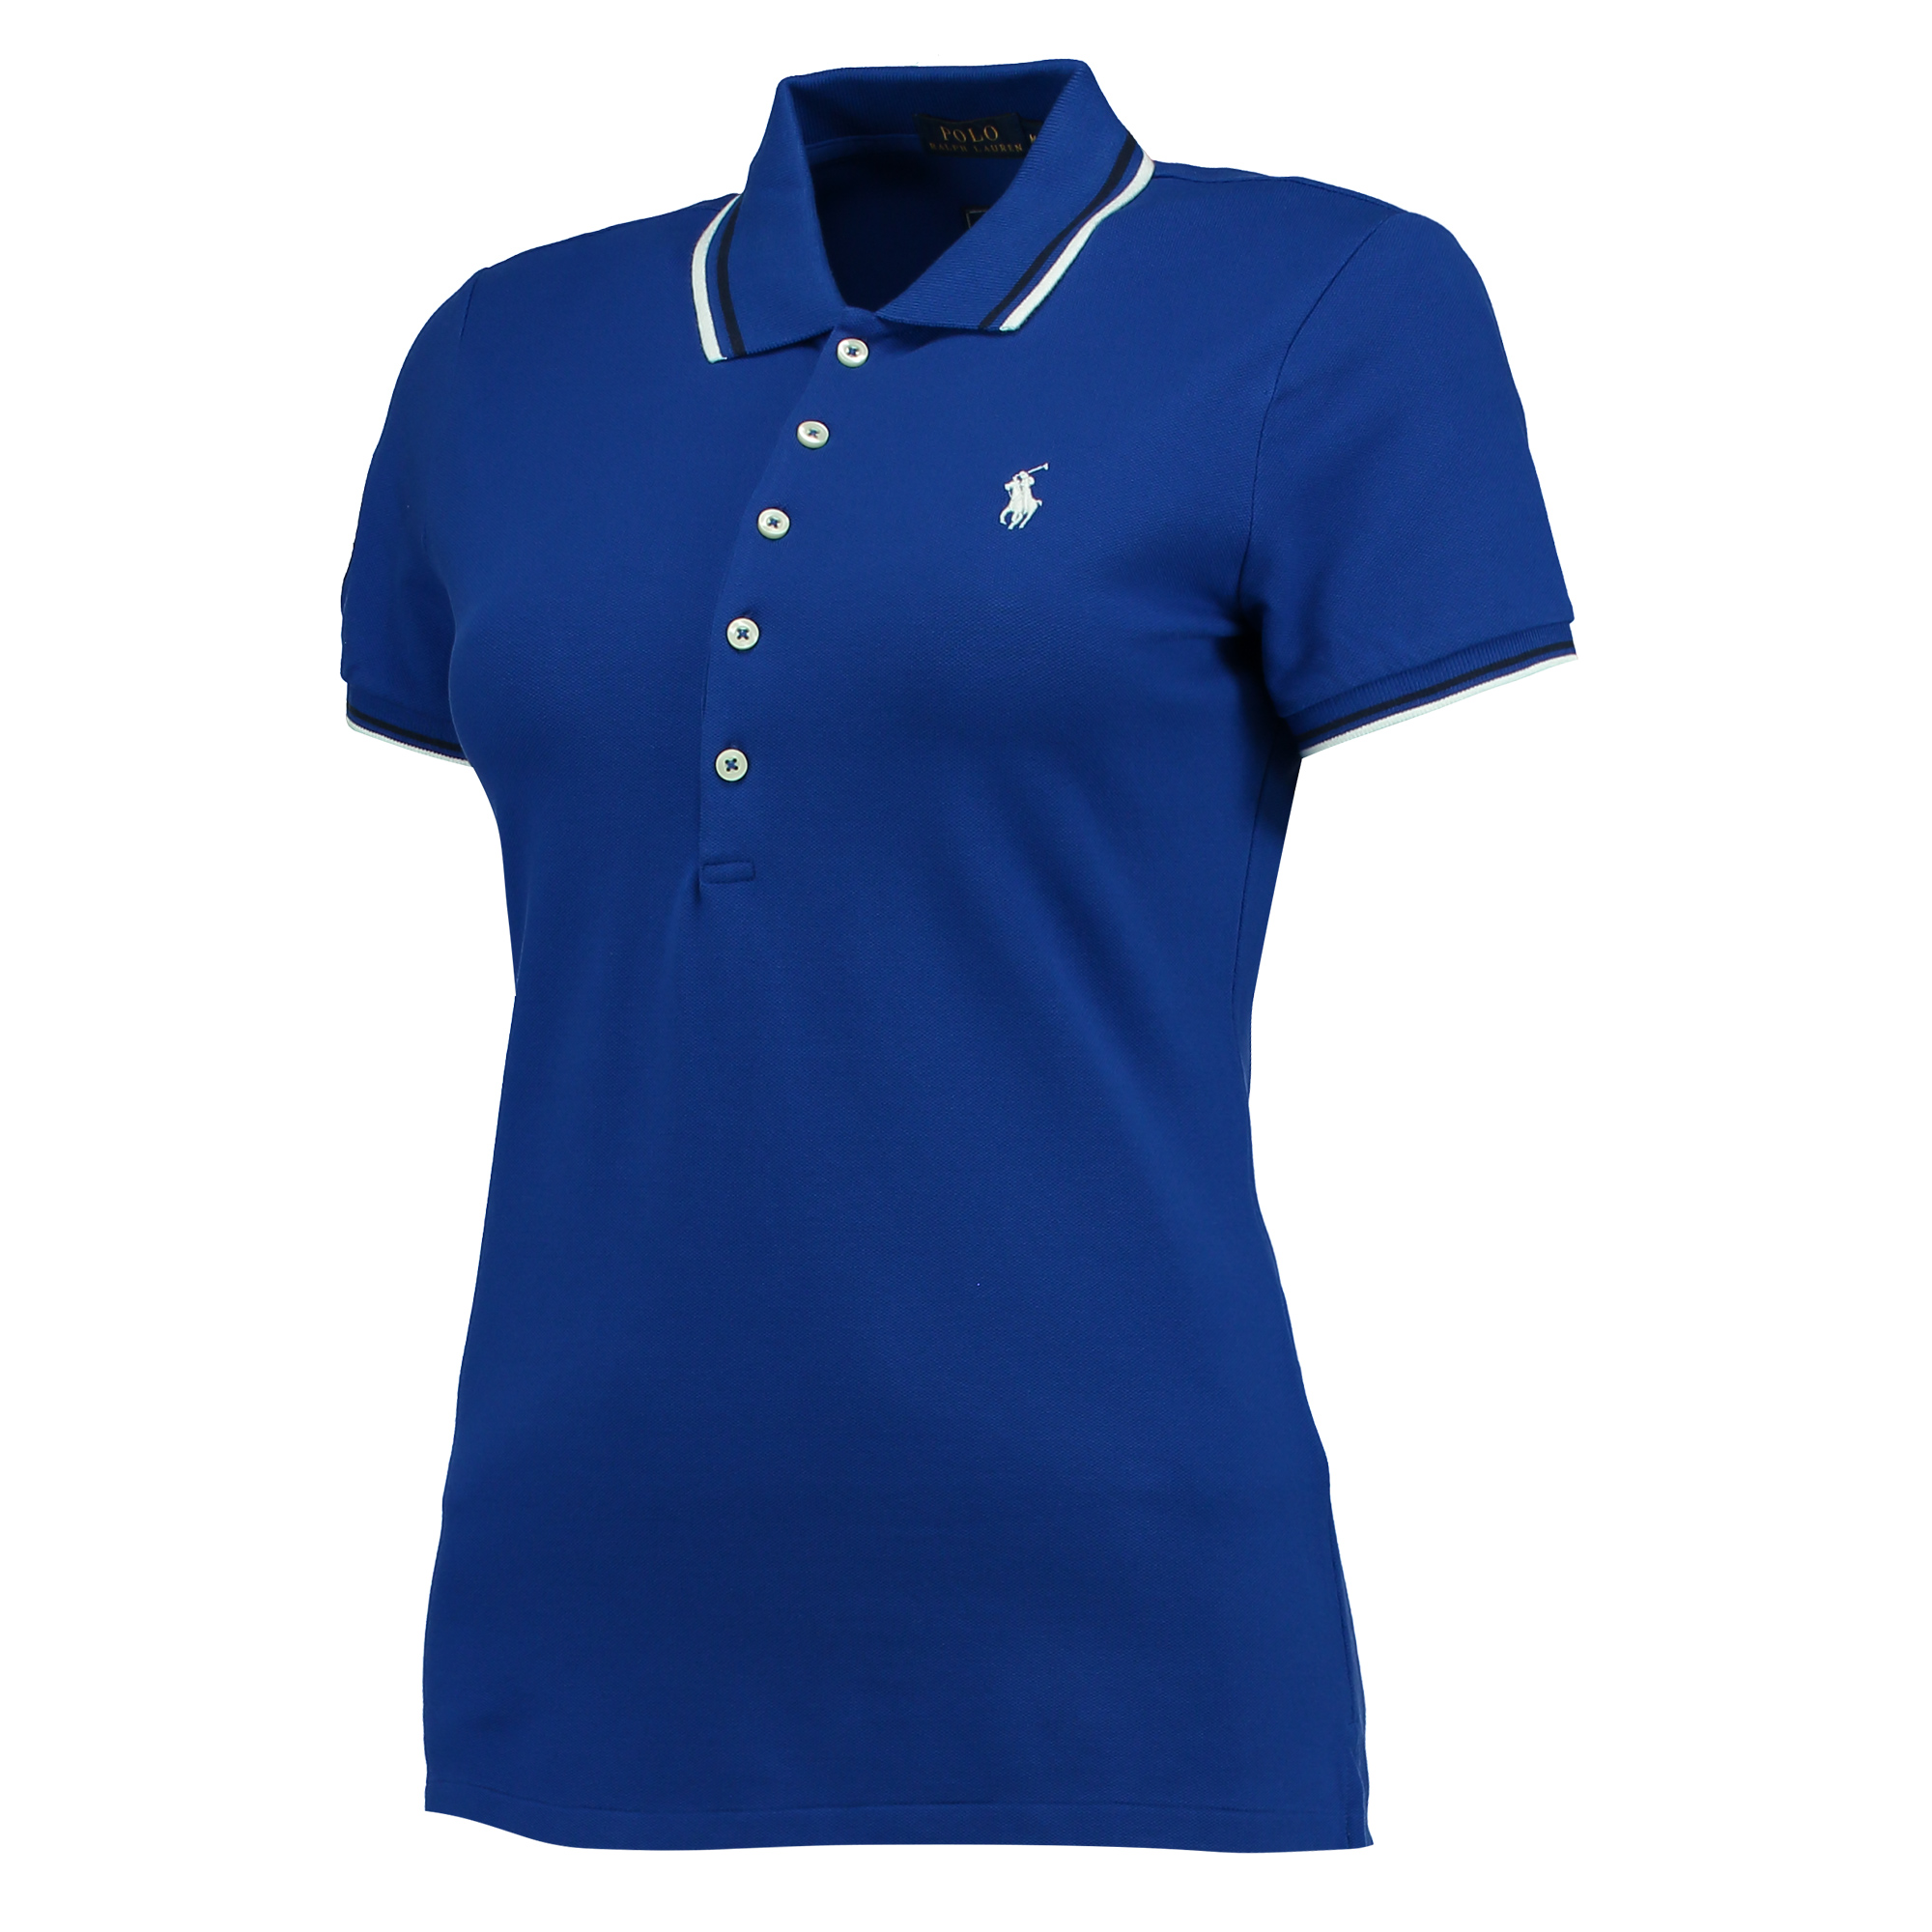 Wimbledon Ralph Lauren Polo - Sapphire Star - Ladies